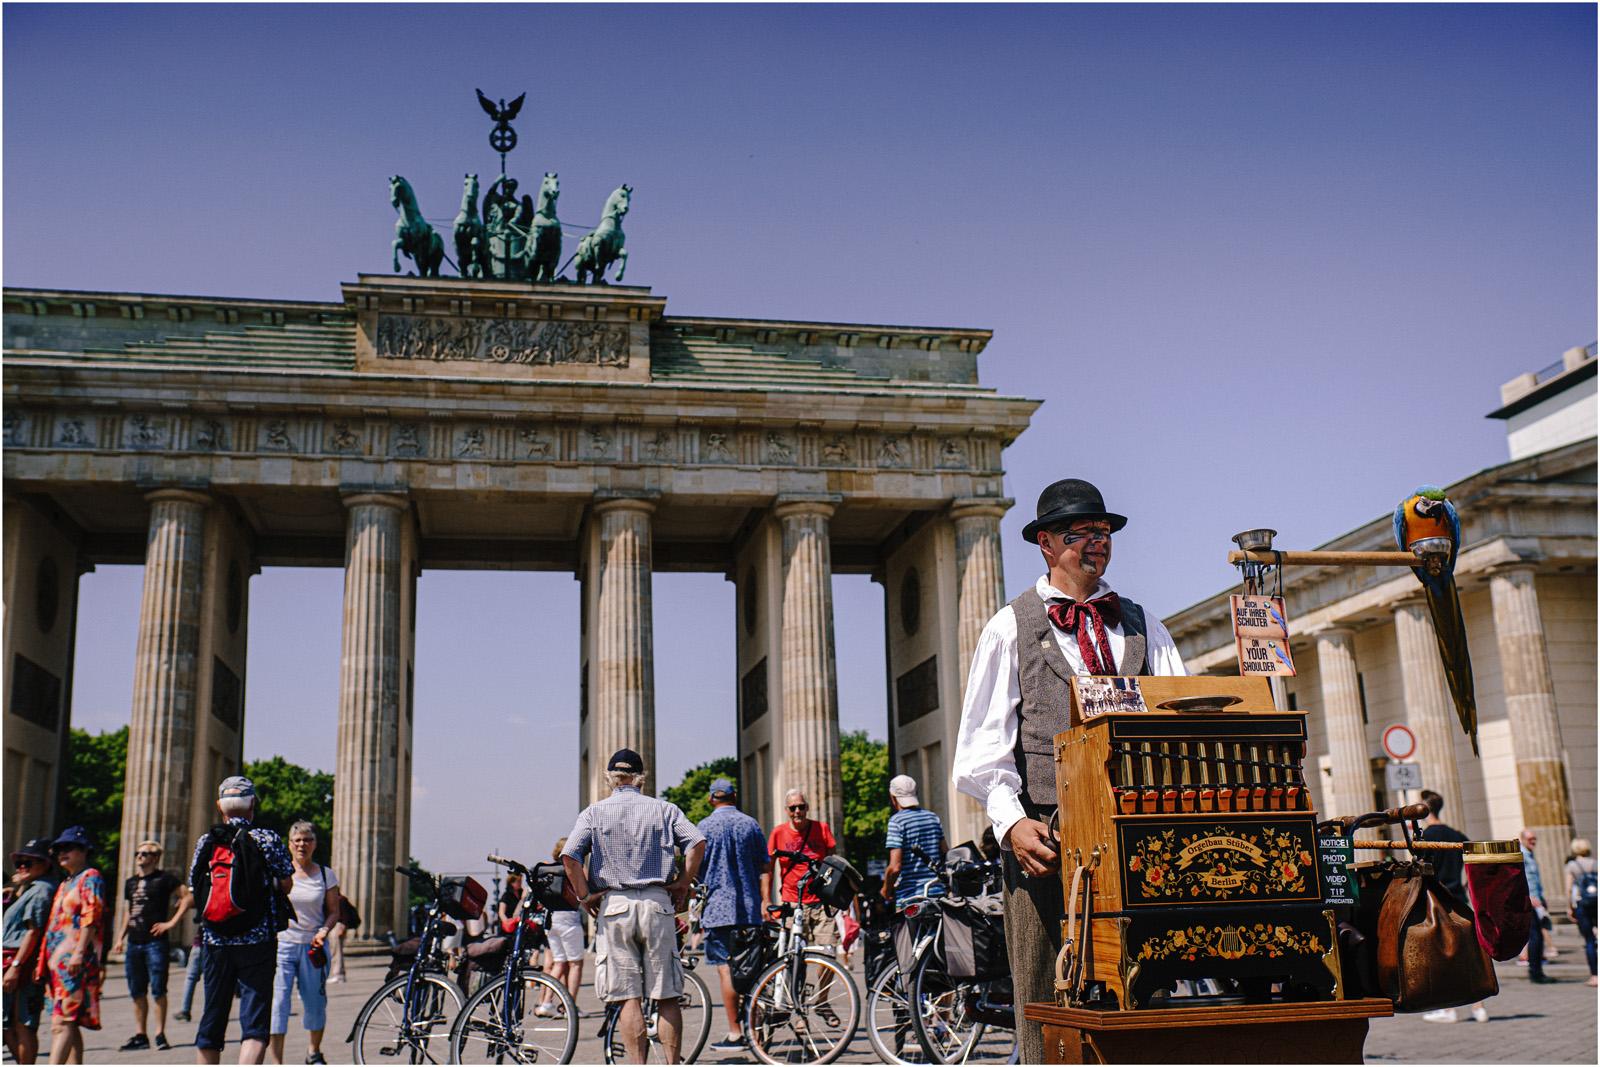 Miasto rowerów. Berlin. 23